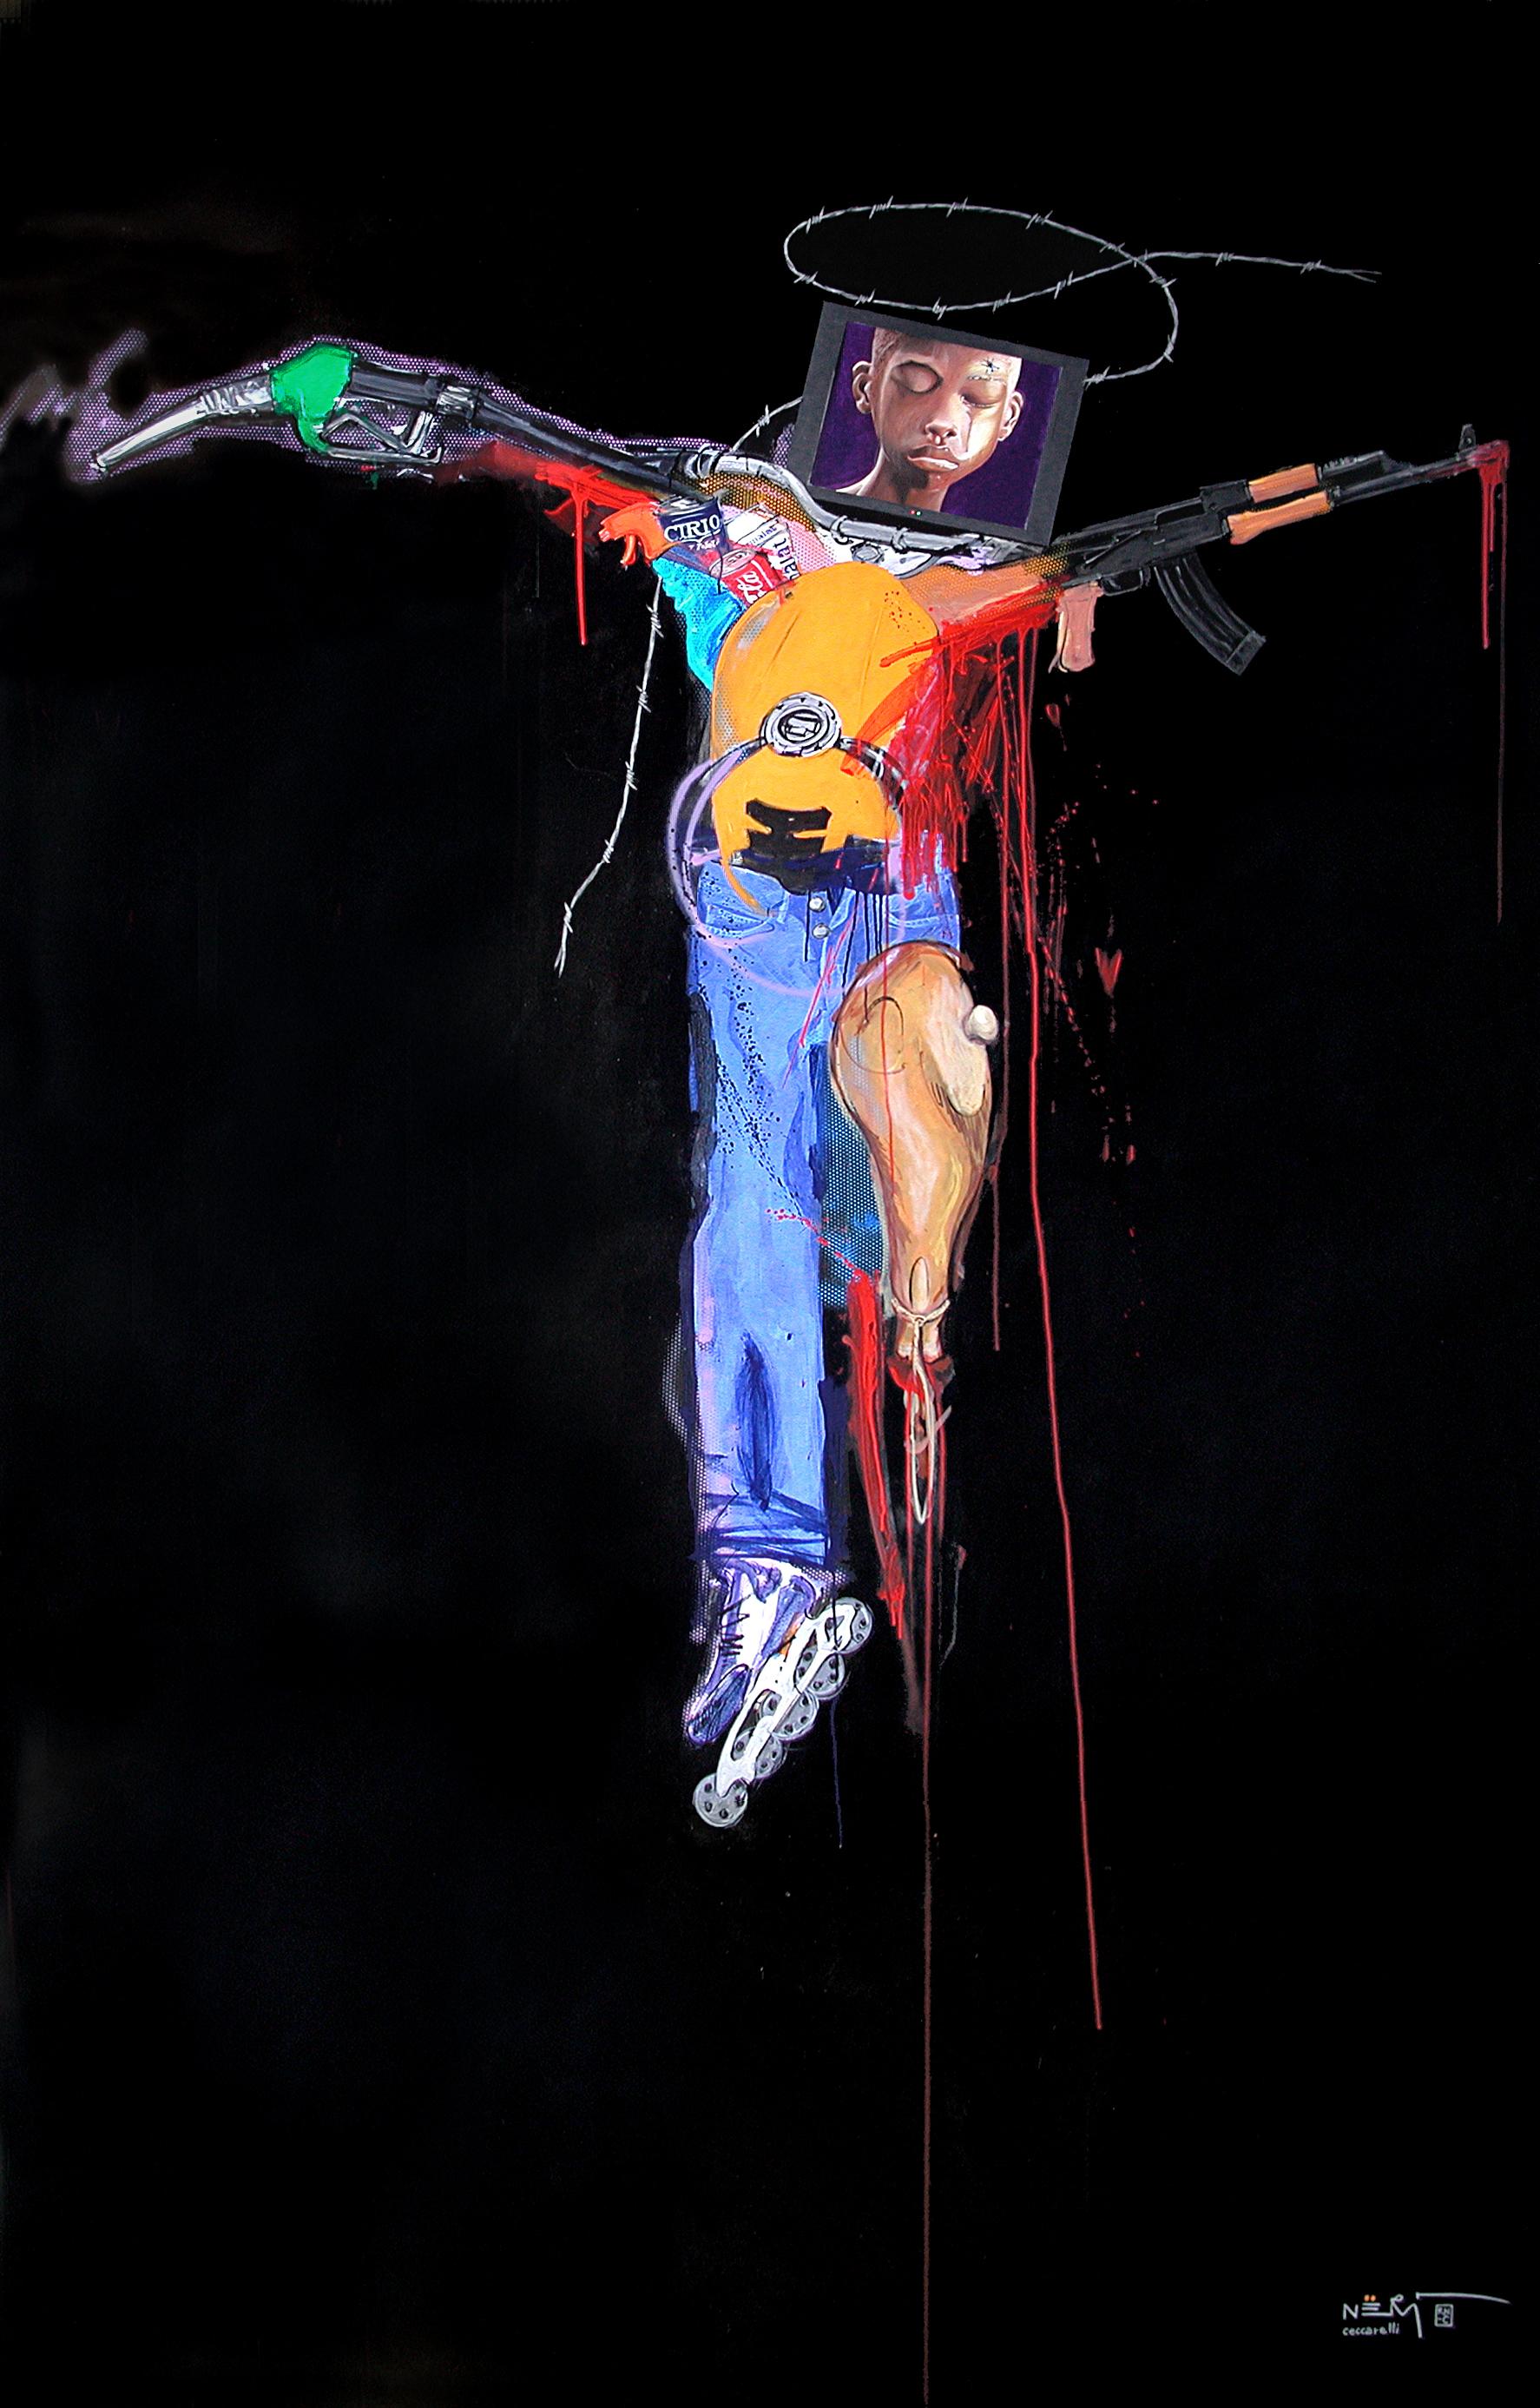 NERI CECCARELLI Crocifissione continua 2008 Acrilico su tela 200x300cm